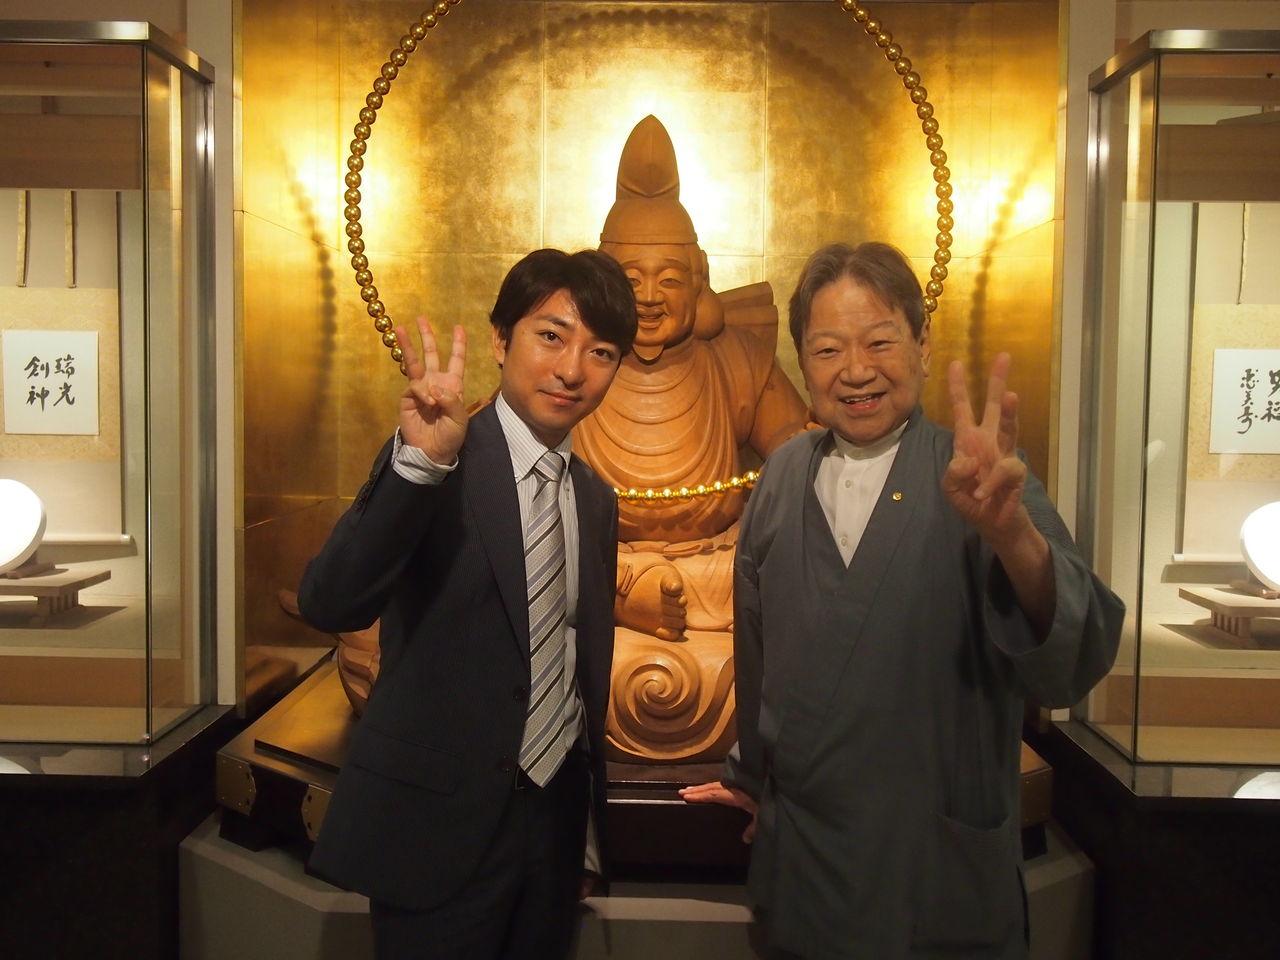 696a7eca.jpg - 竹田和平 さんとの出会いと対談